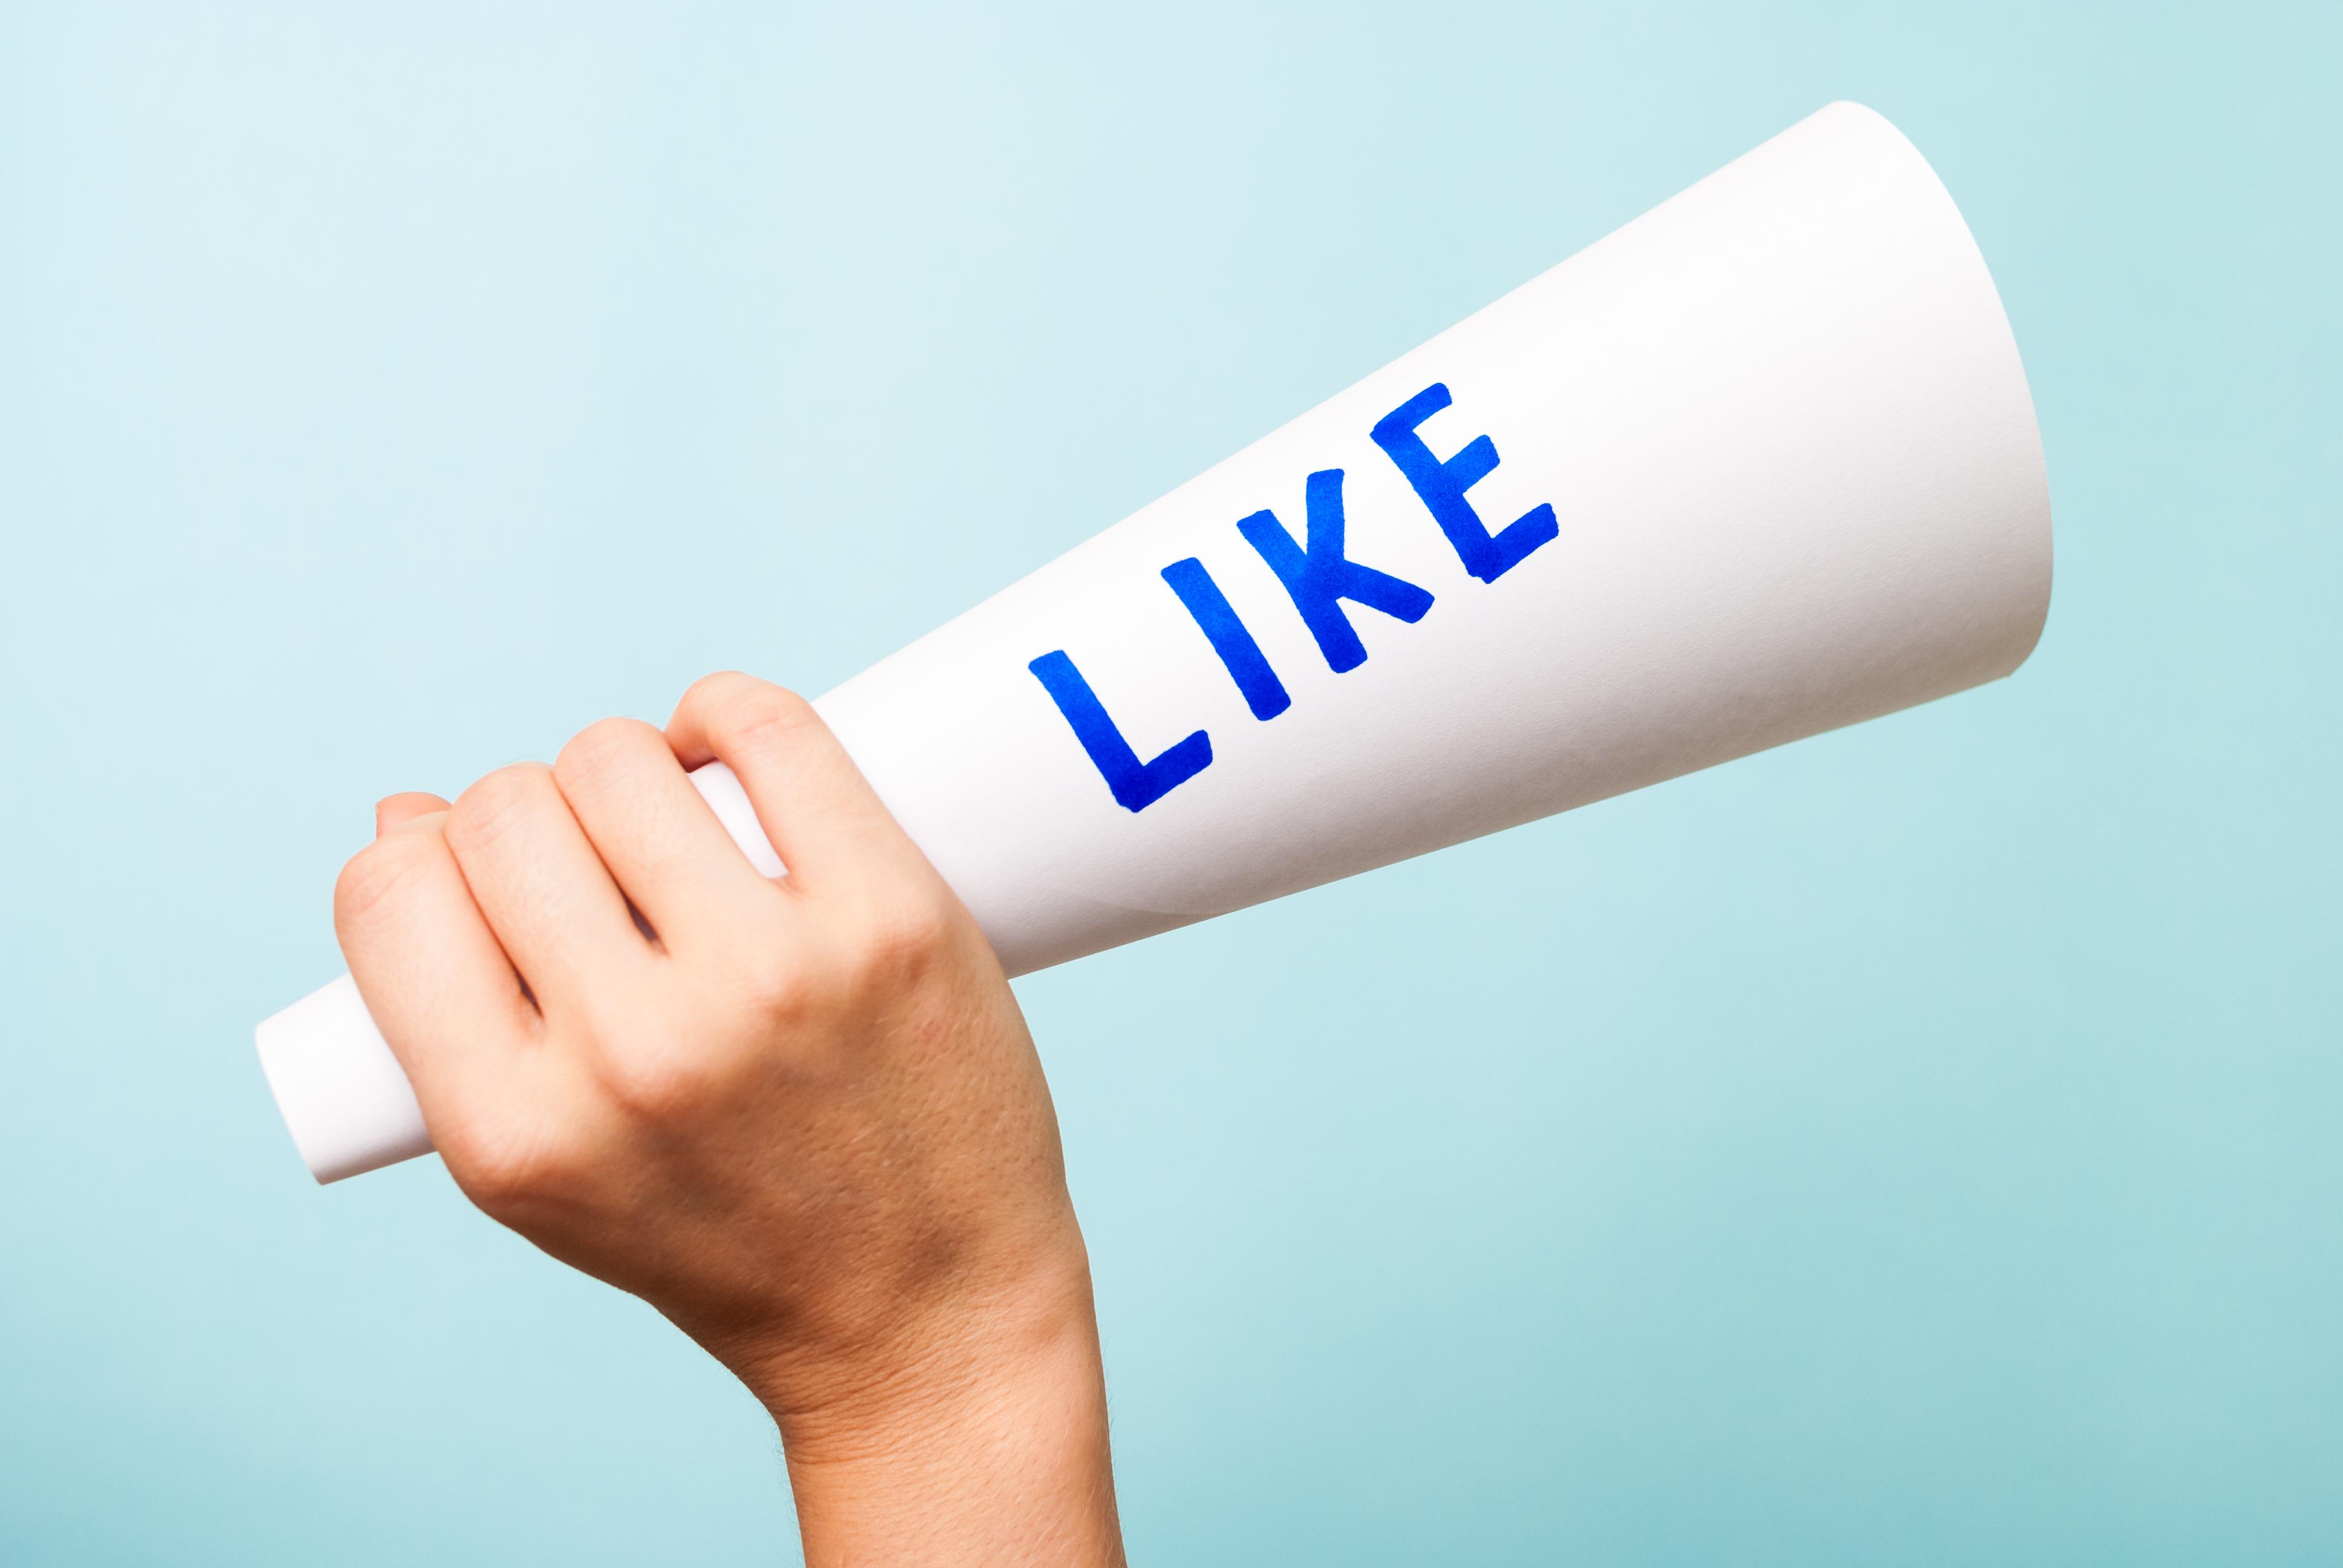 Na imagem, uma mão segura um cone escrito Like, ilustrando o envolvimento entre público e marca